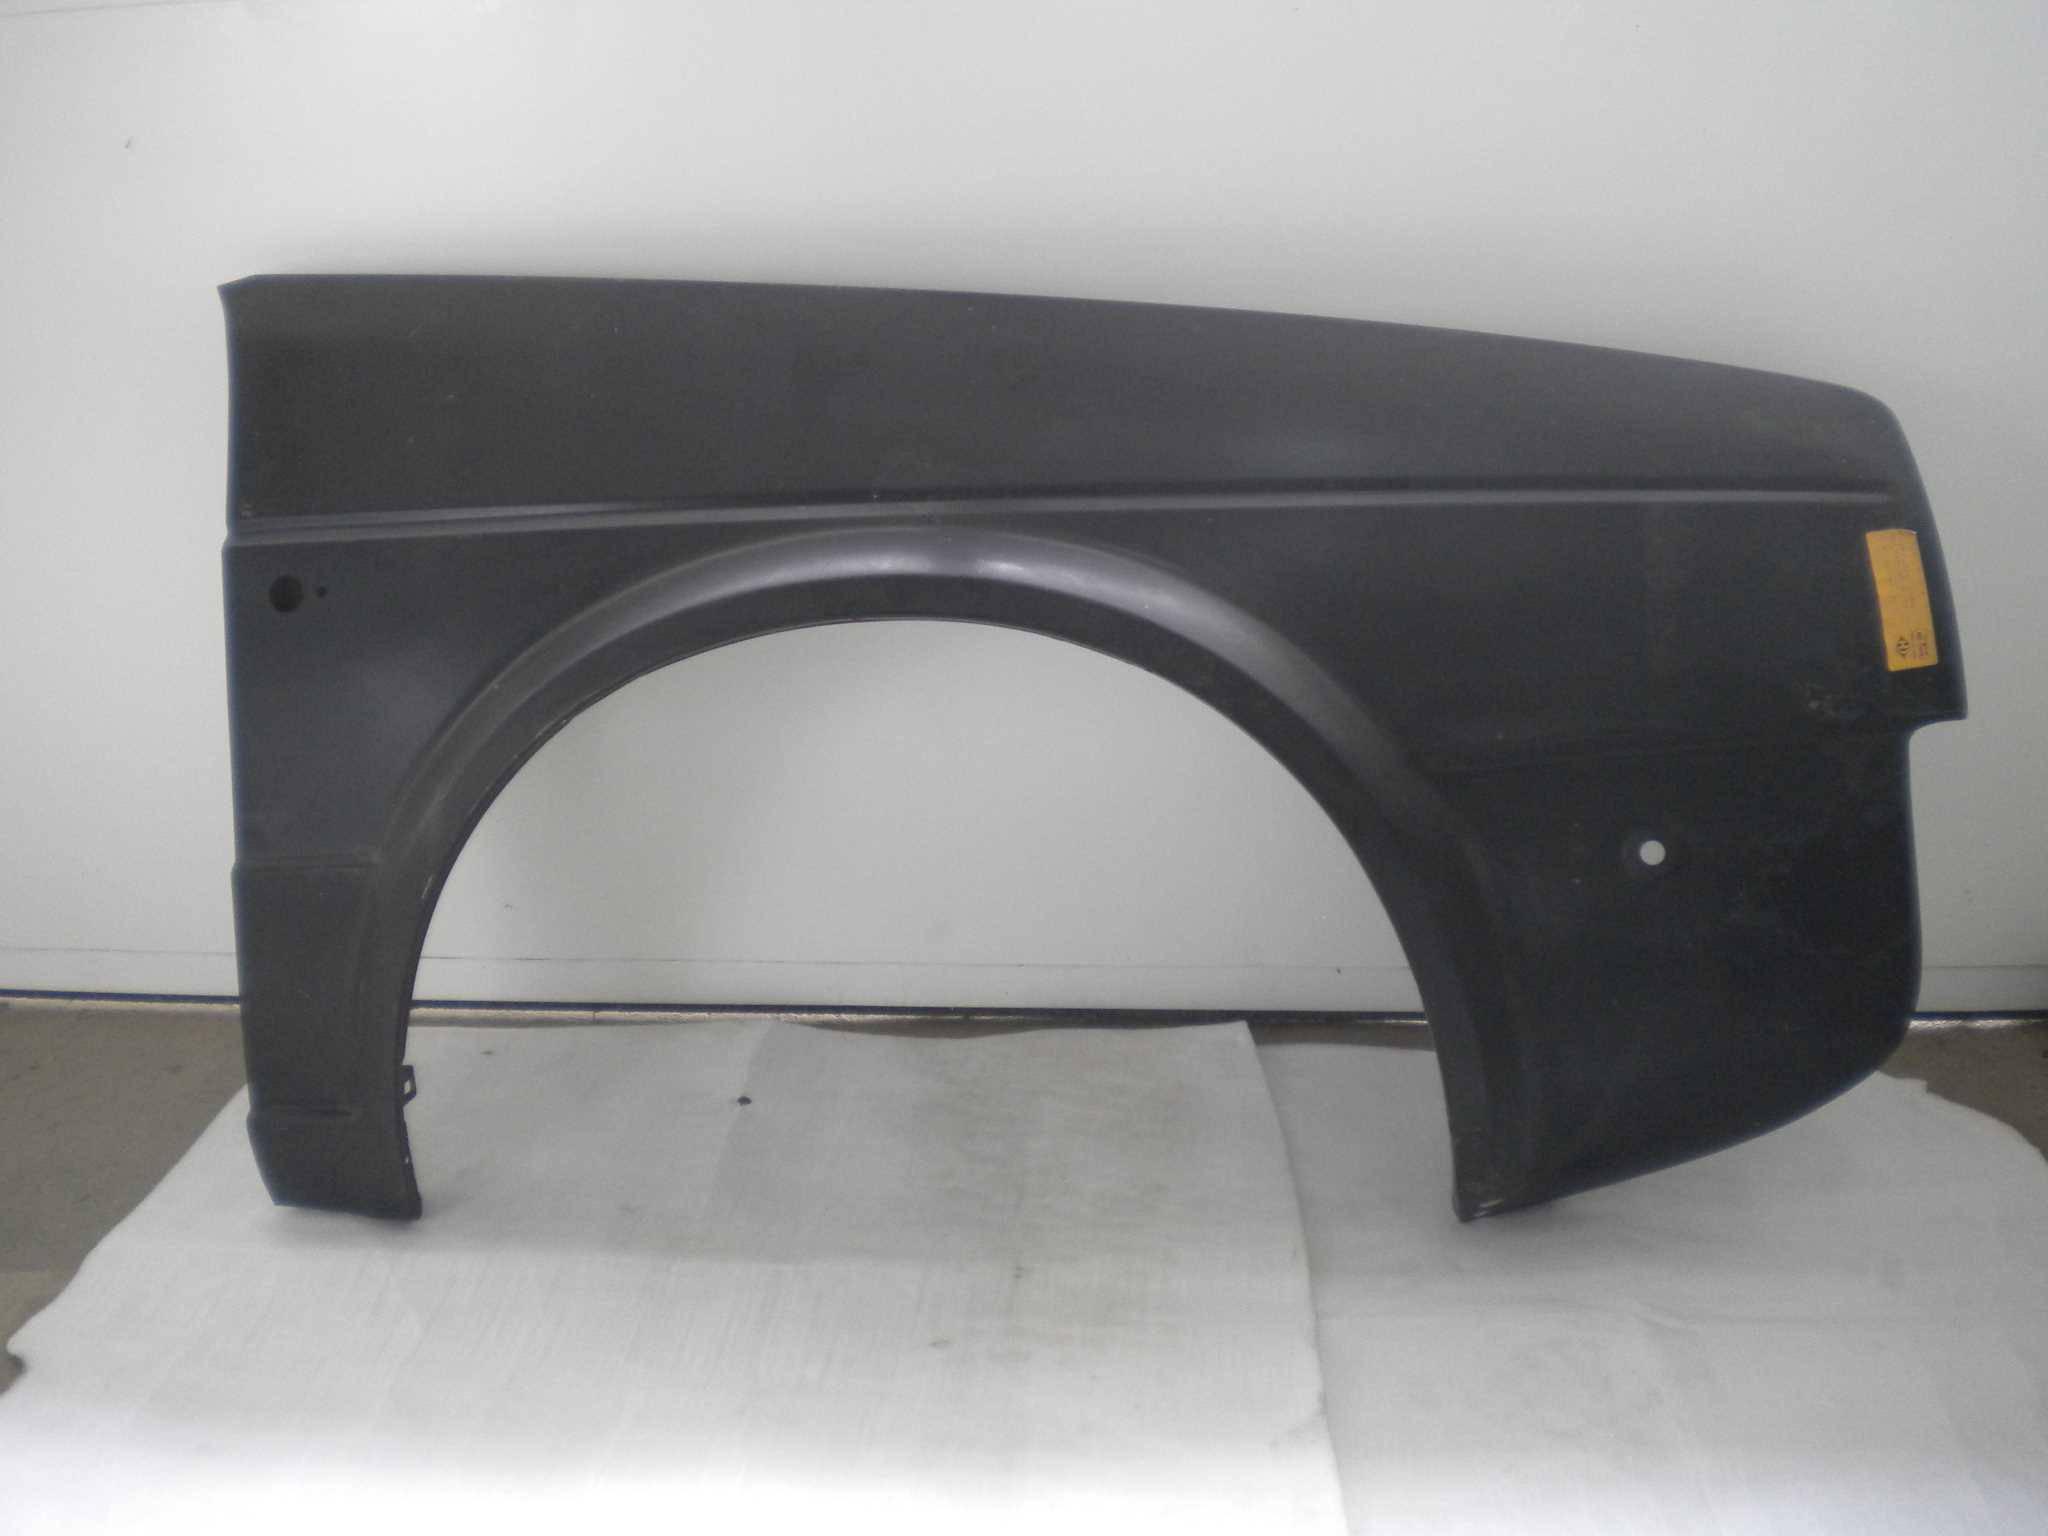 vw golf 2 divers pi ces de carrosserie neuves pac 1 autres. Black Bedroom Furniture Sets. Home Design Ideas